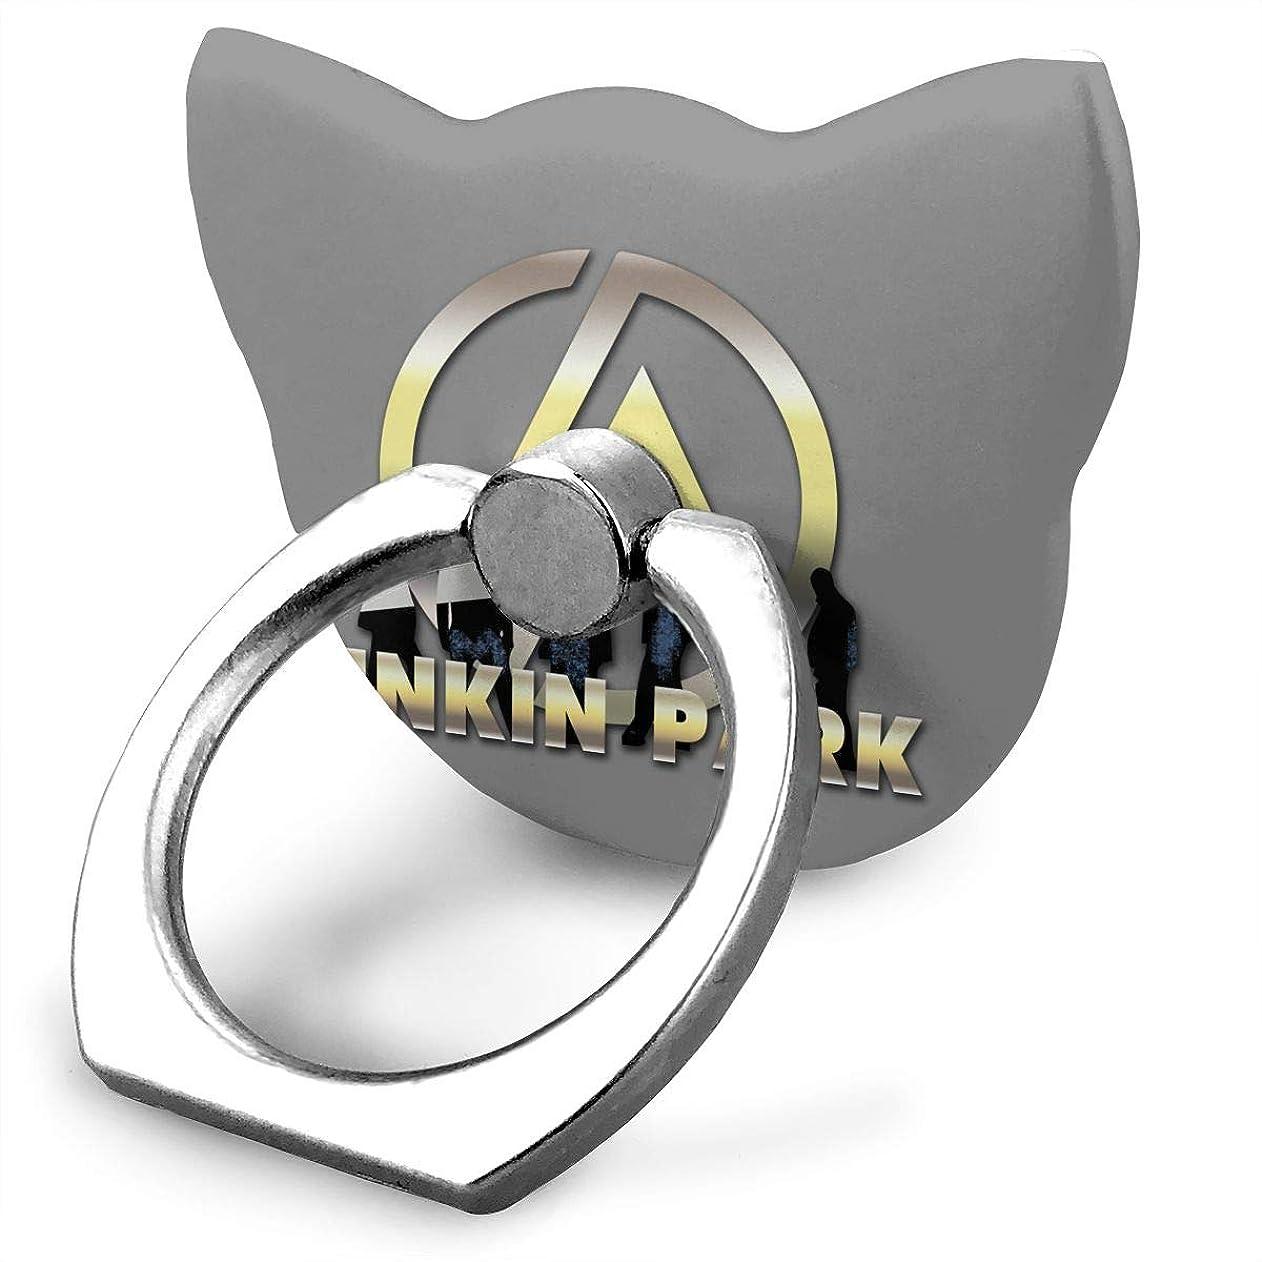 特殊同情歯Linkin Park リンキン?パーク スマホ リング ホールドリング 指輪リング 薄型 おしゃれ スタンド機能 落下防止 360度回転 タブレット/スマホ\r\n IPhone/Android各種他対応